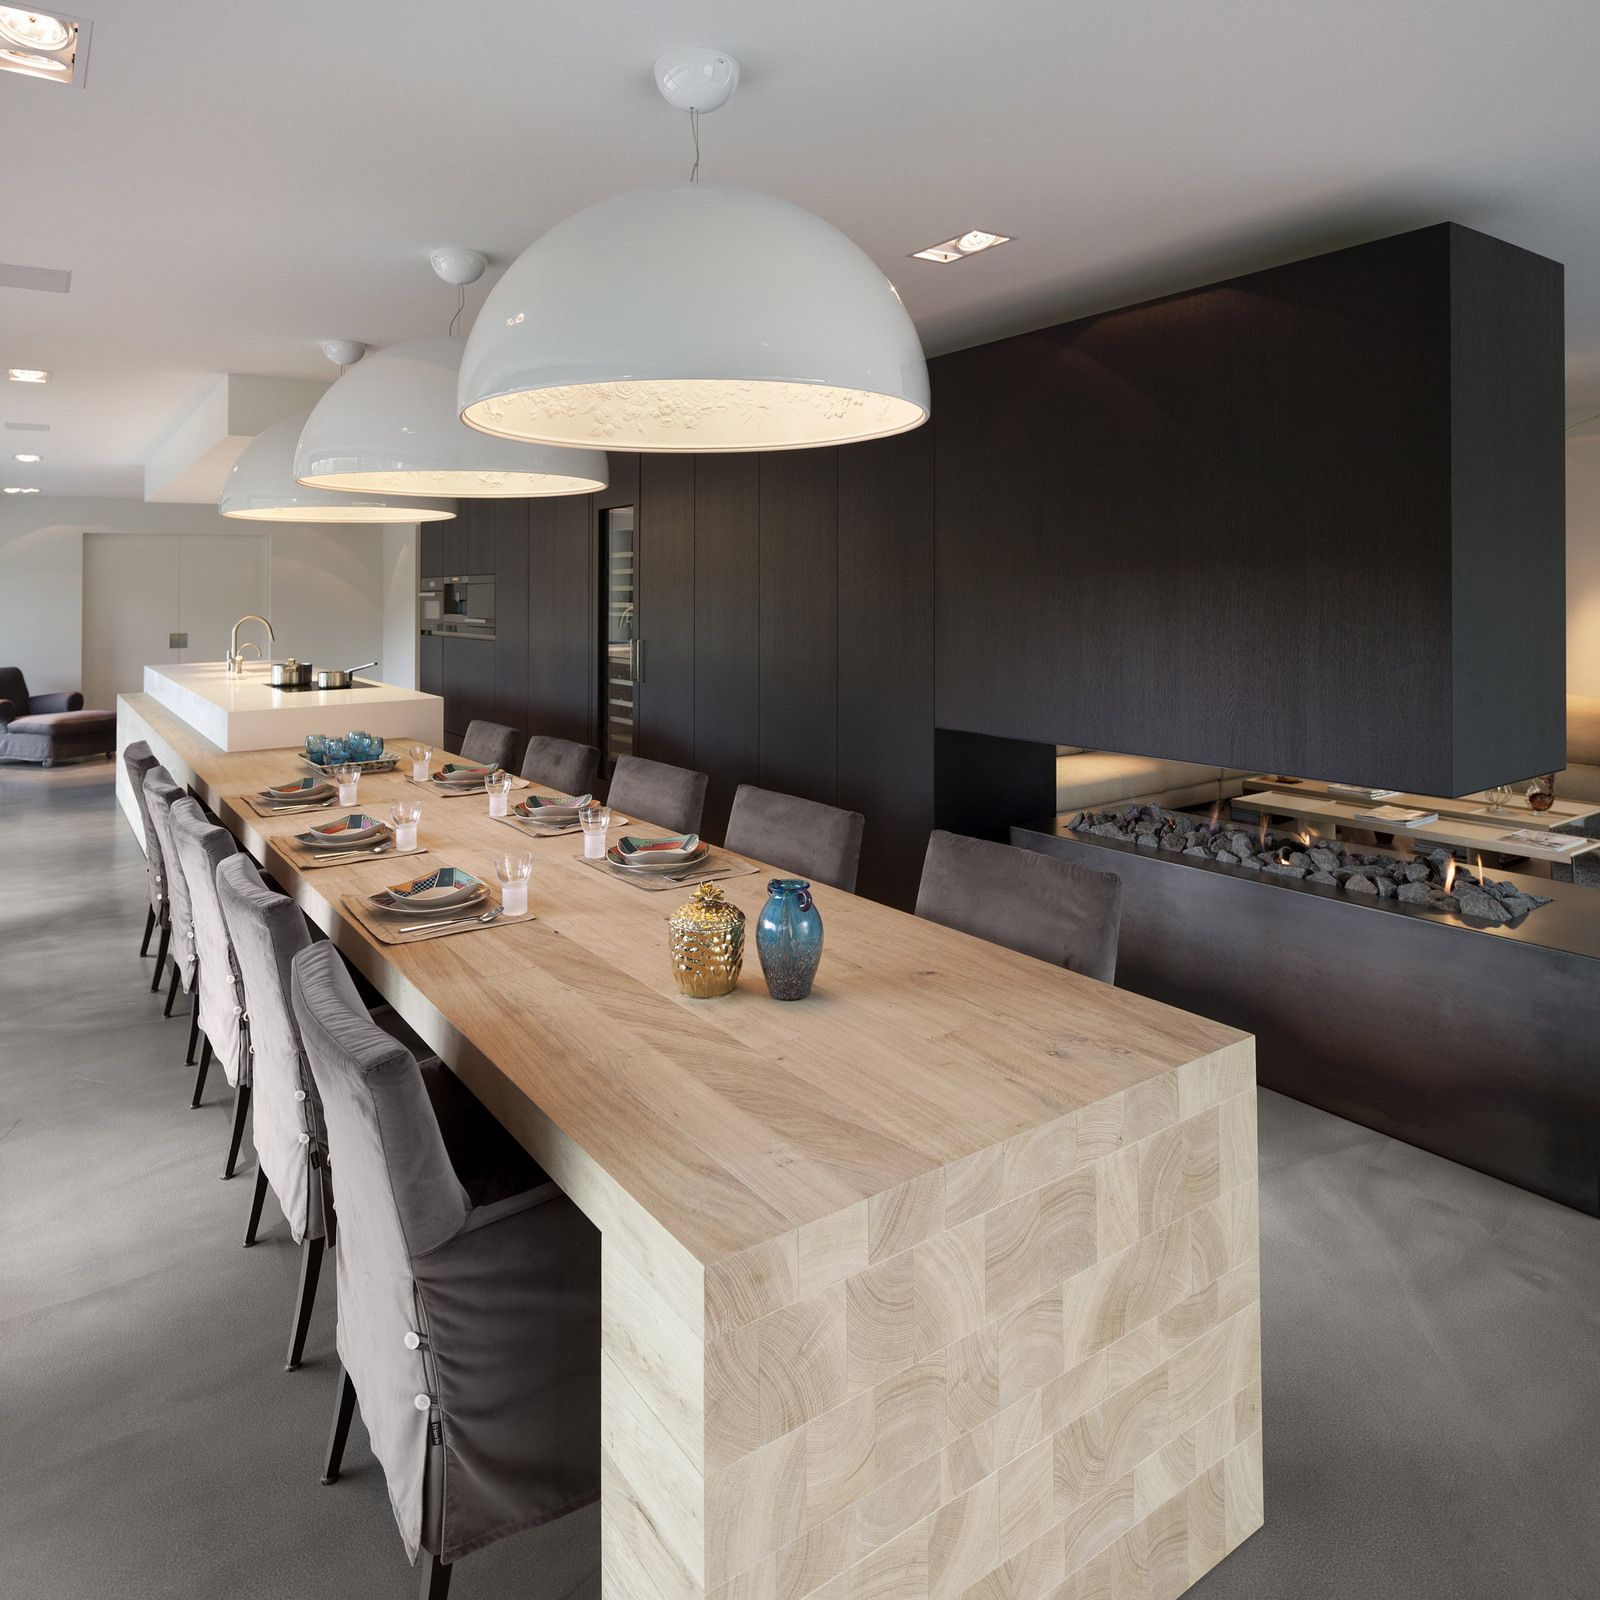 Cuisine design blanche et bois avec lot voici une cuisine for Belles cuisines contemporaines